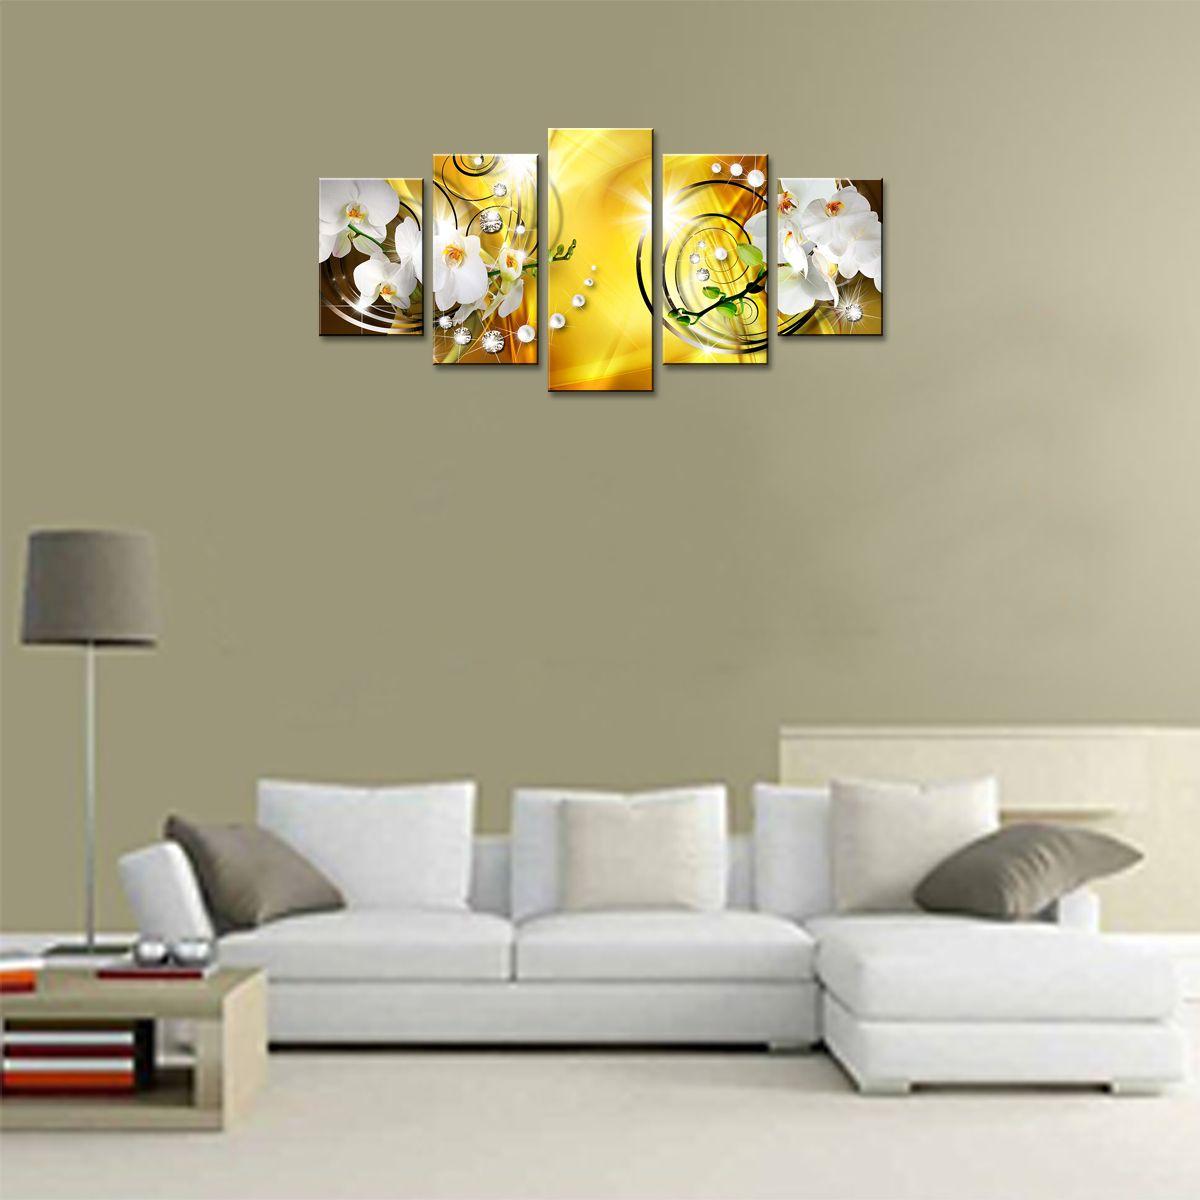 Fleur Impression Sur Toile Art Décoration Murale Image 5 Panneaux Blanc Orchidée Peinture Florale Contemporain Diamant HD Jaune Illustration pour Chambre Encadrée